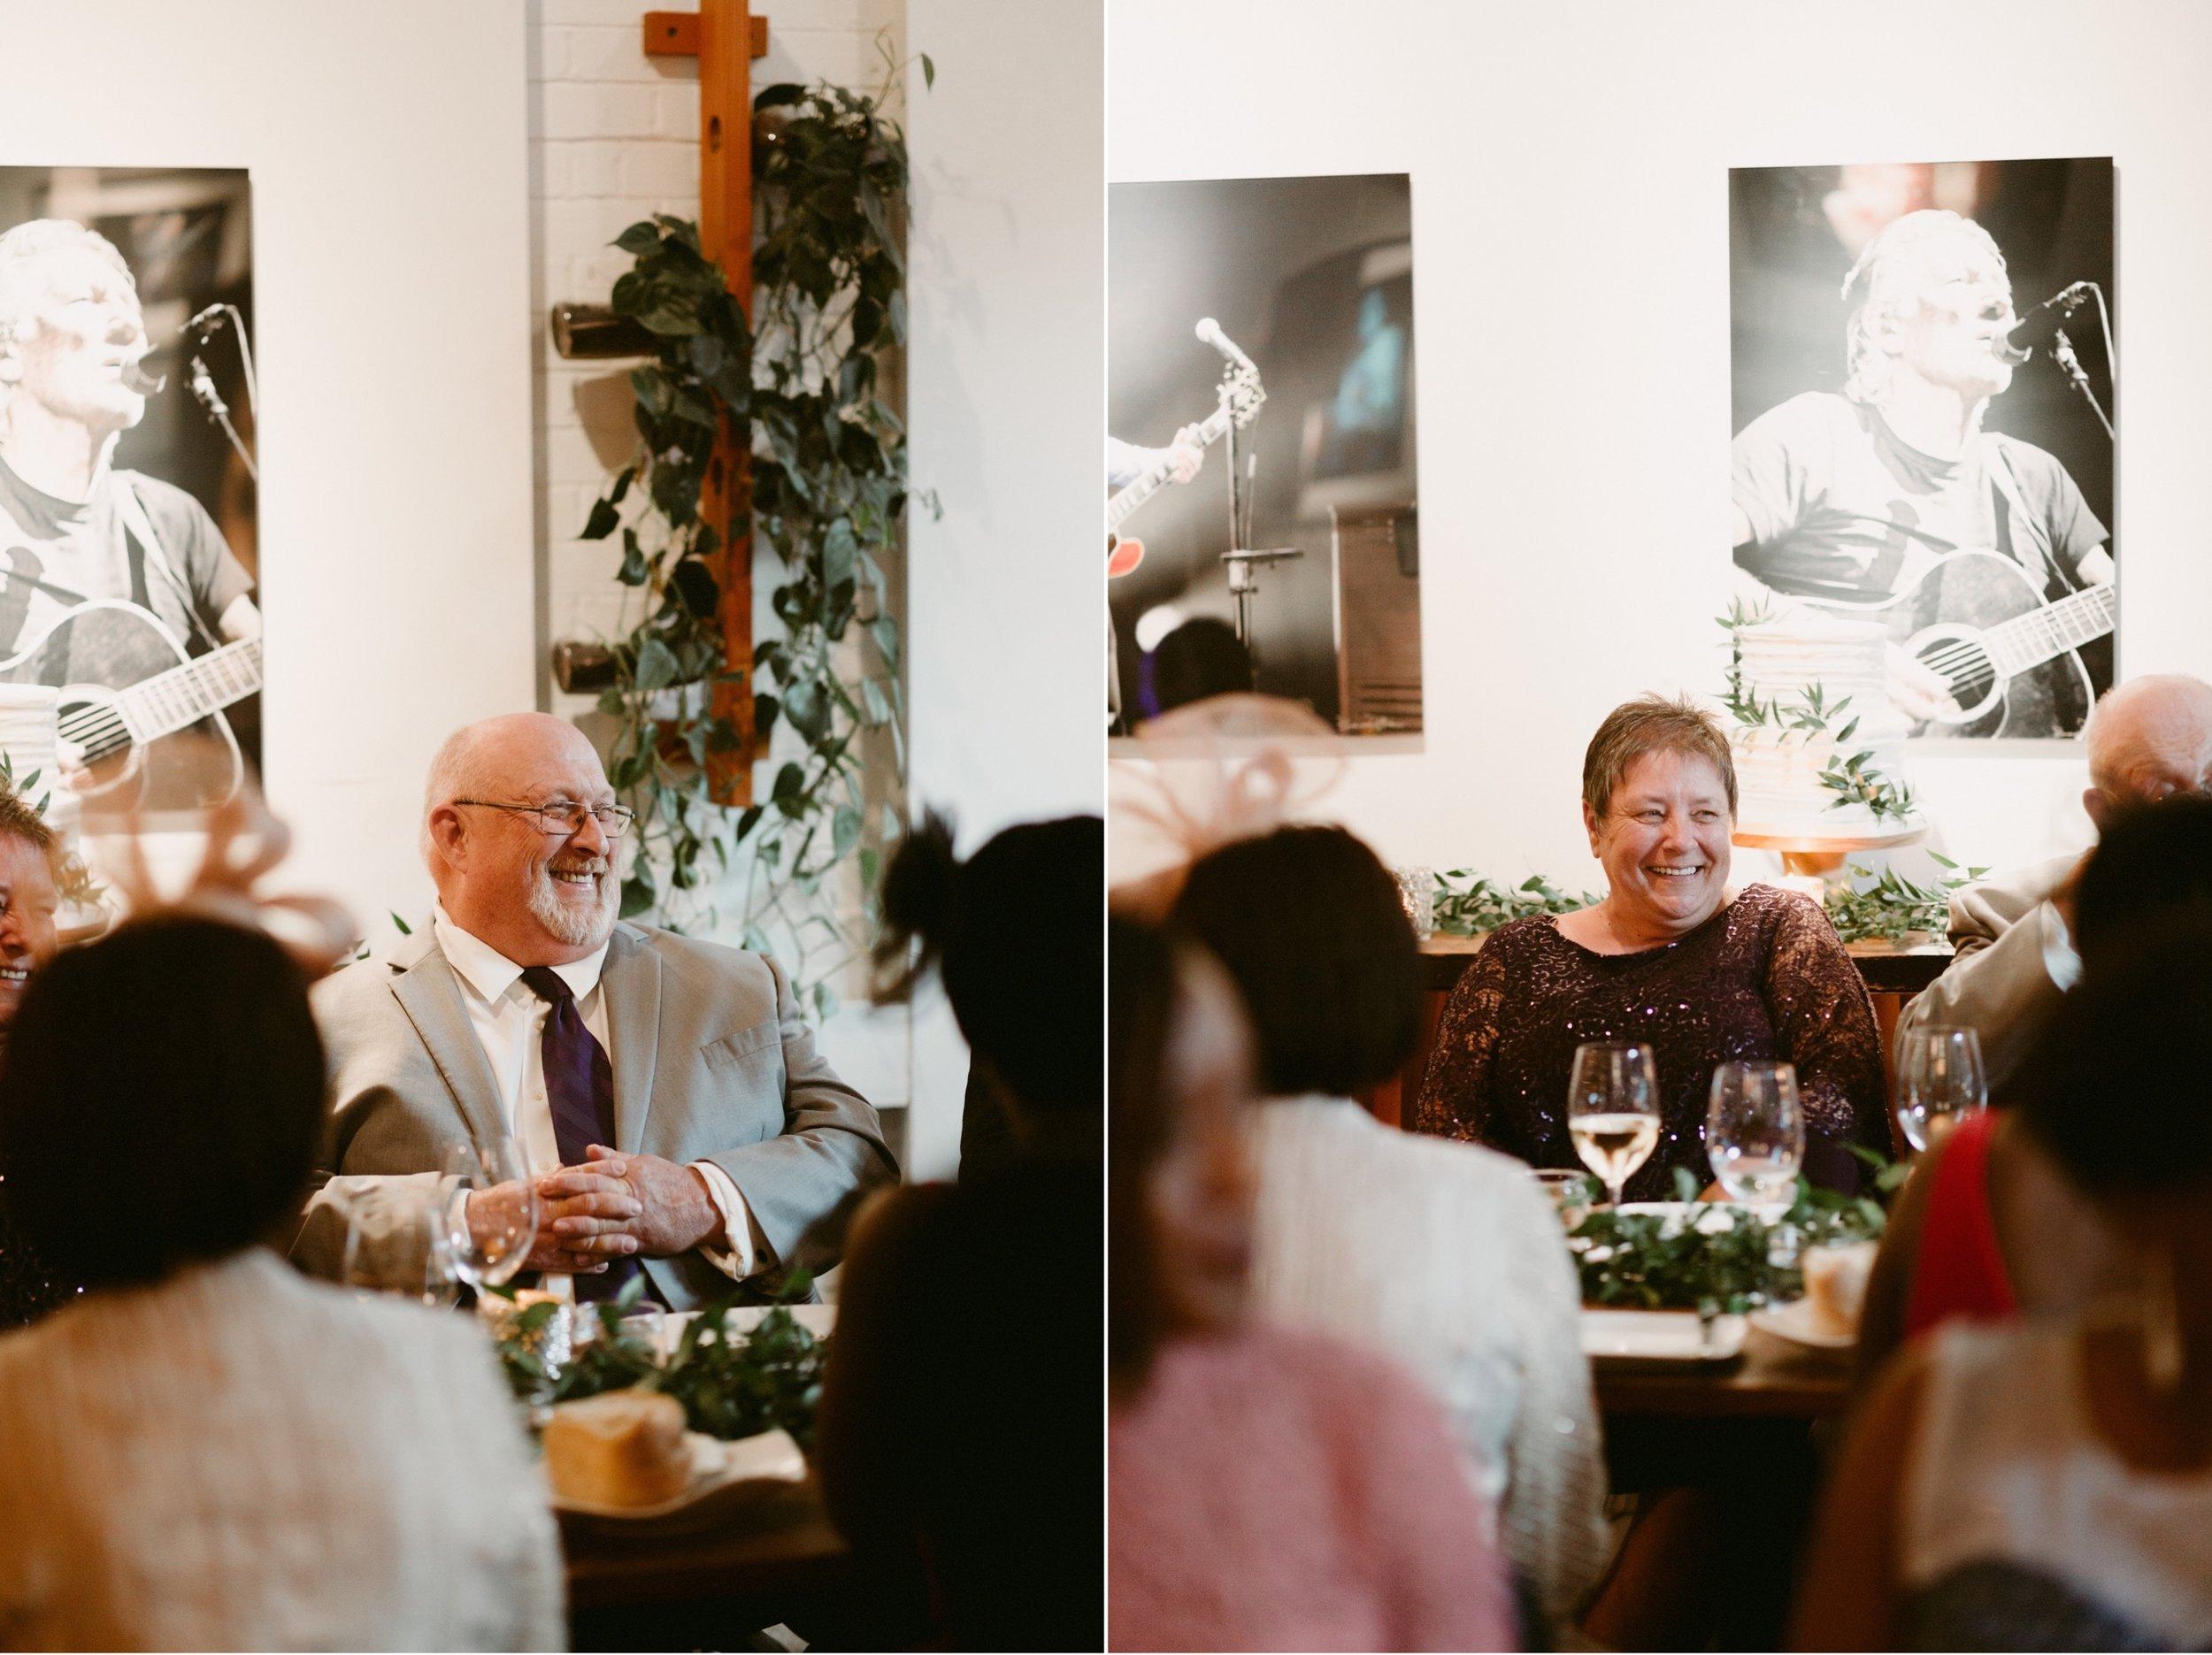 074_Spadina House Wedding (449 of 748)_Spadina House Wedding (451 of 748).jpg